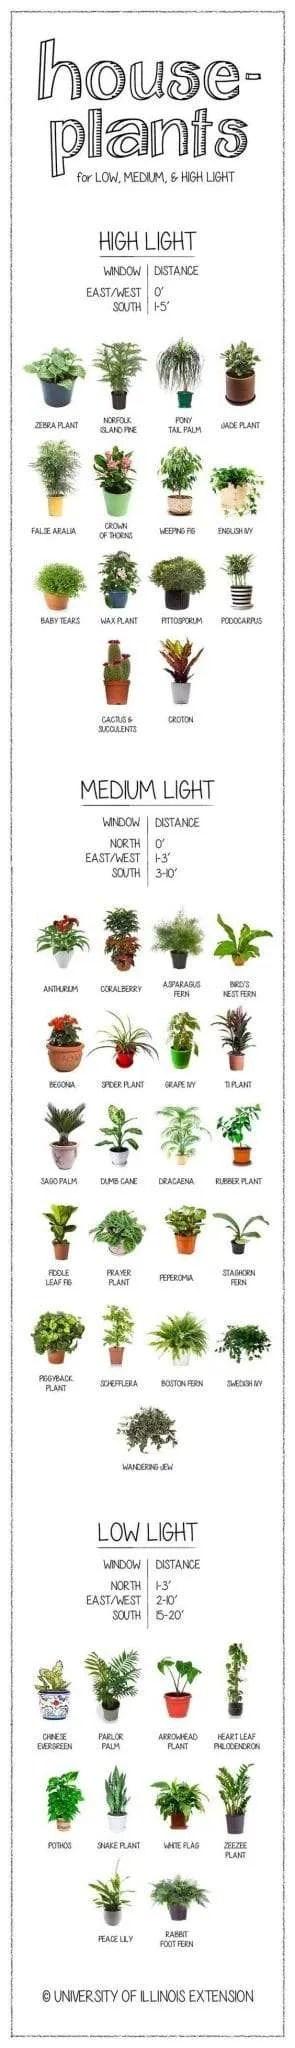 plantlightrequirements